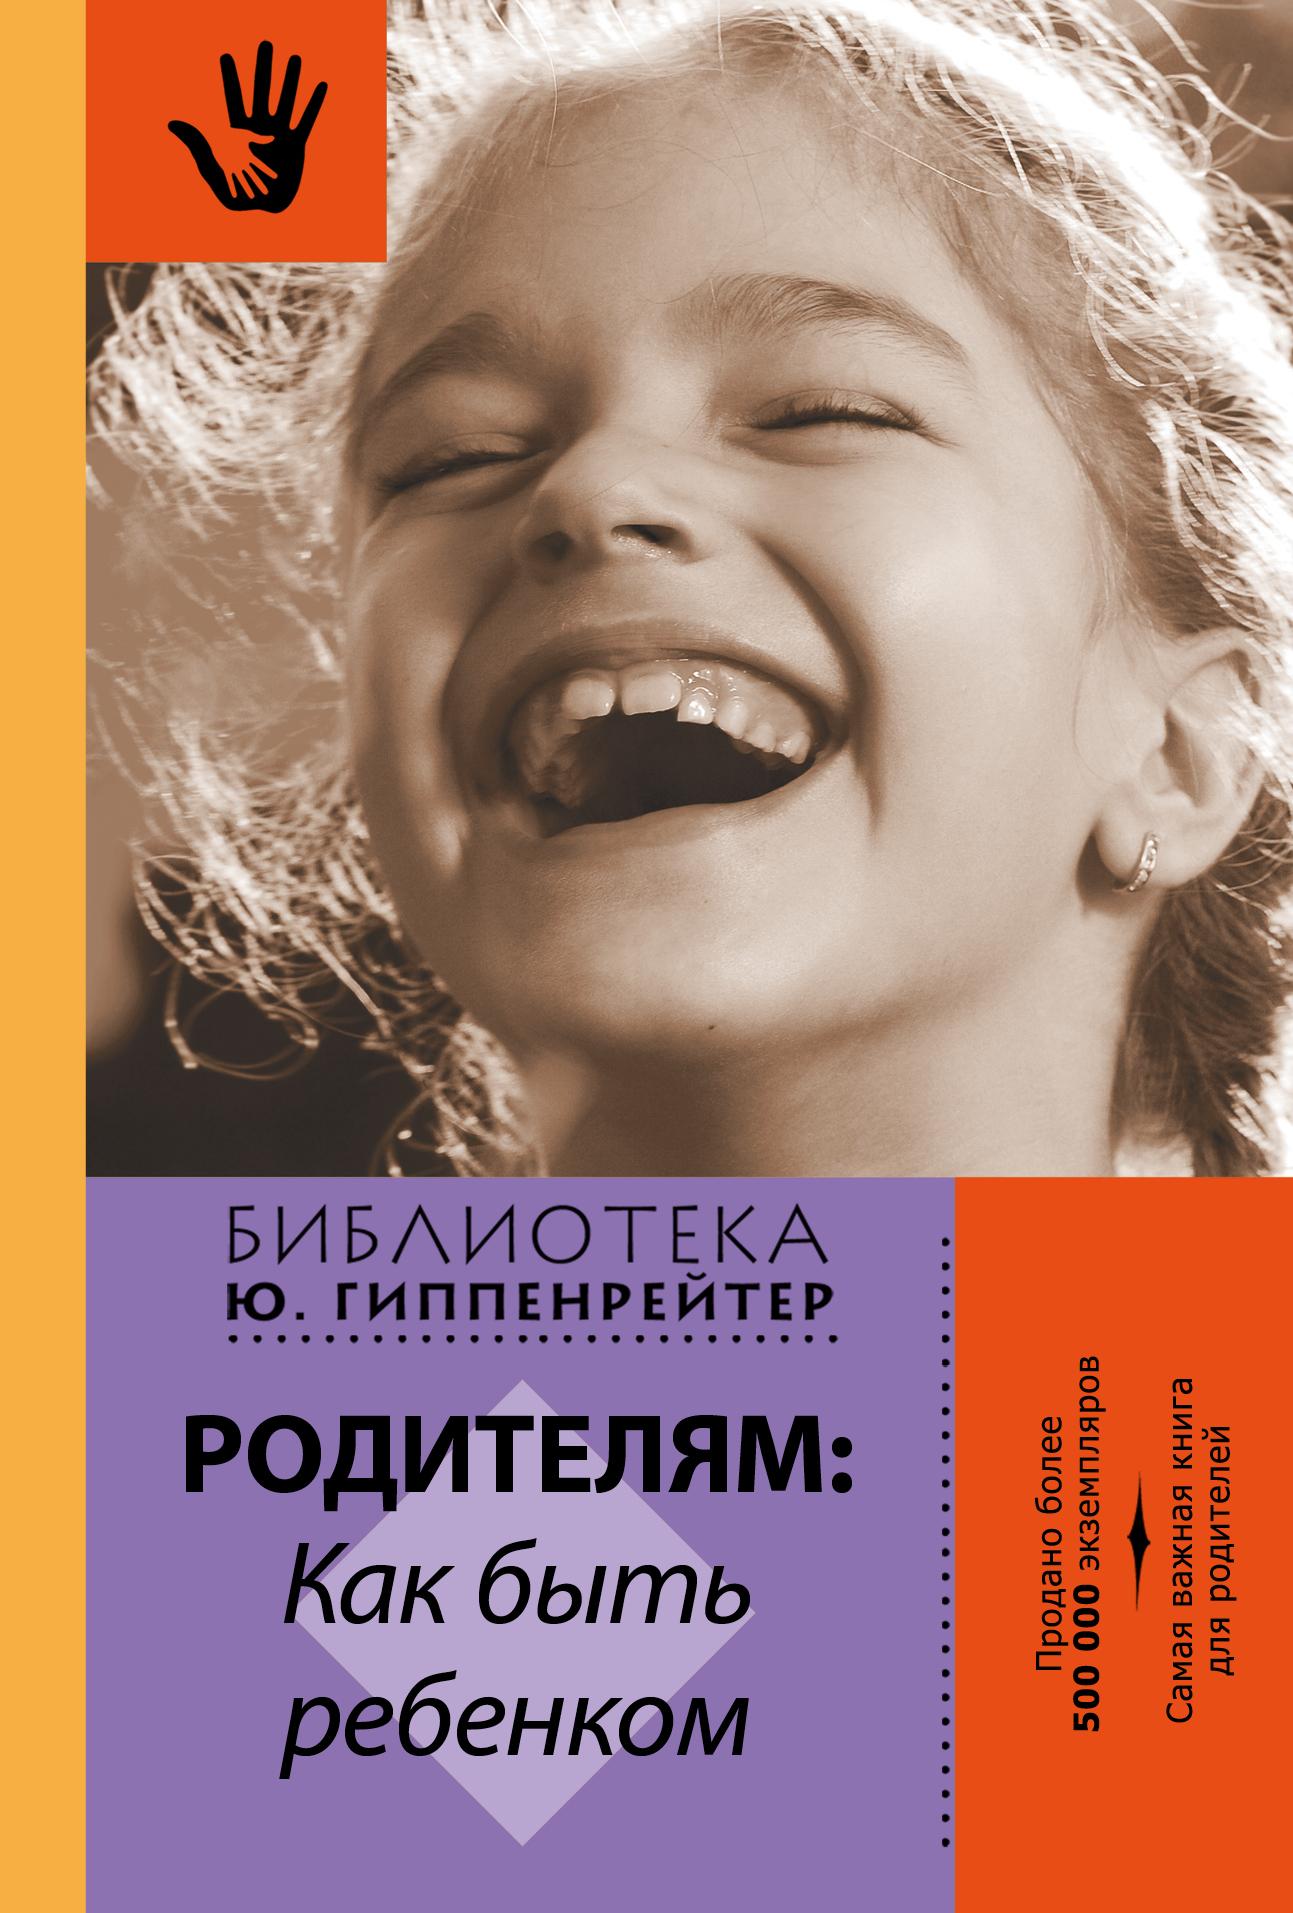 Гиппенрейтер Ю.Б. Родителям: как быть ребенком